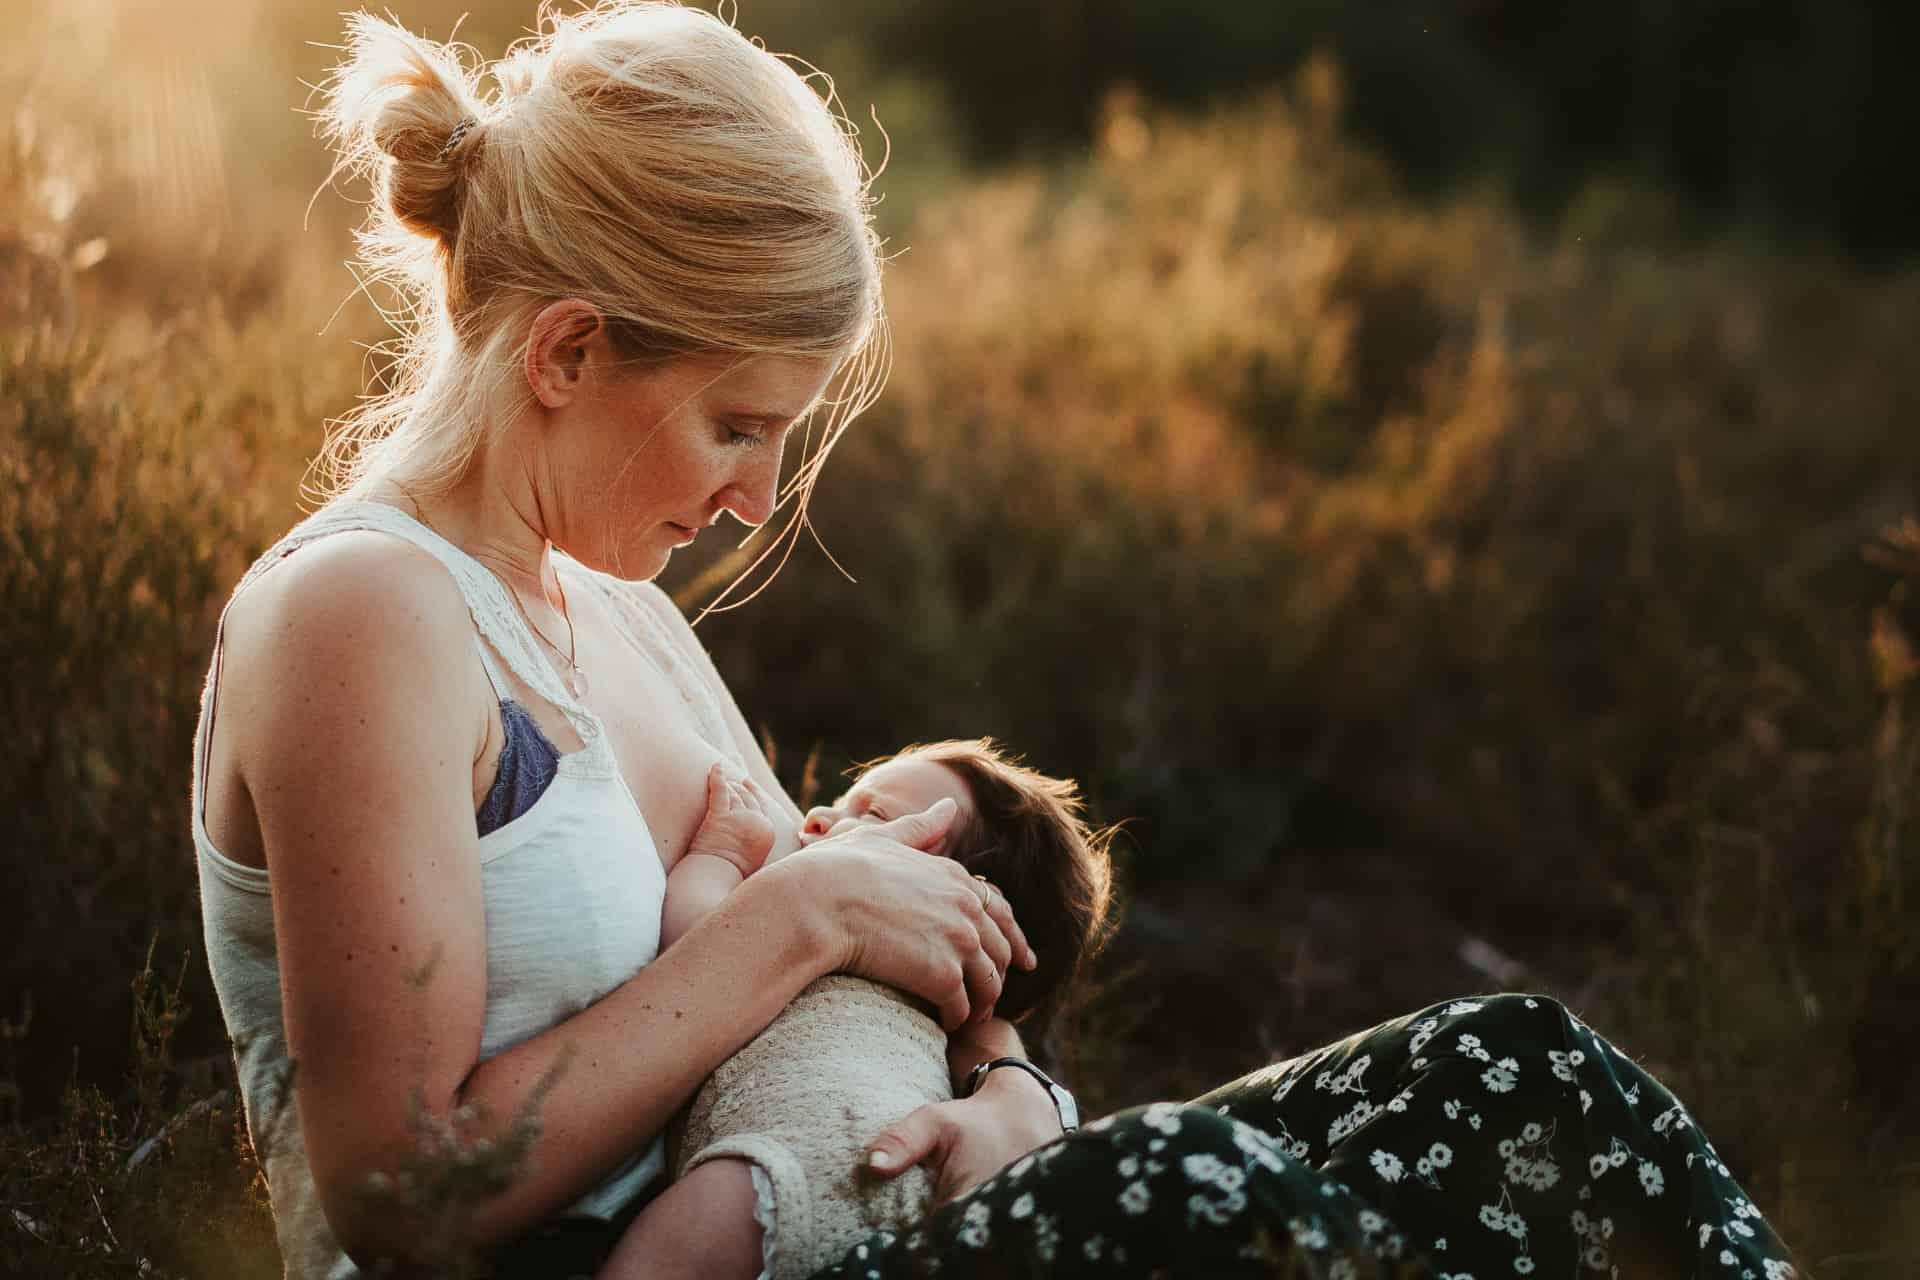 Dagboek Jutta: over kraamtranen, coronamaatregelen en babyvetjes